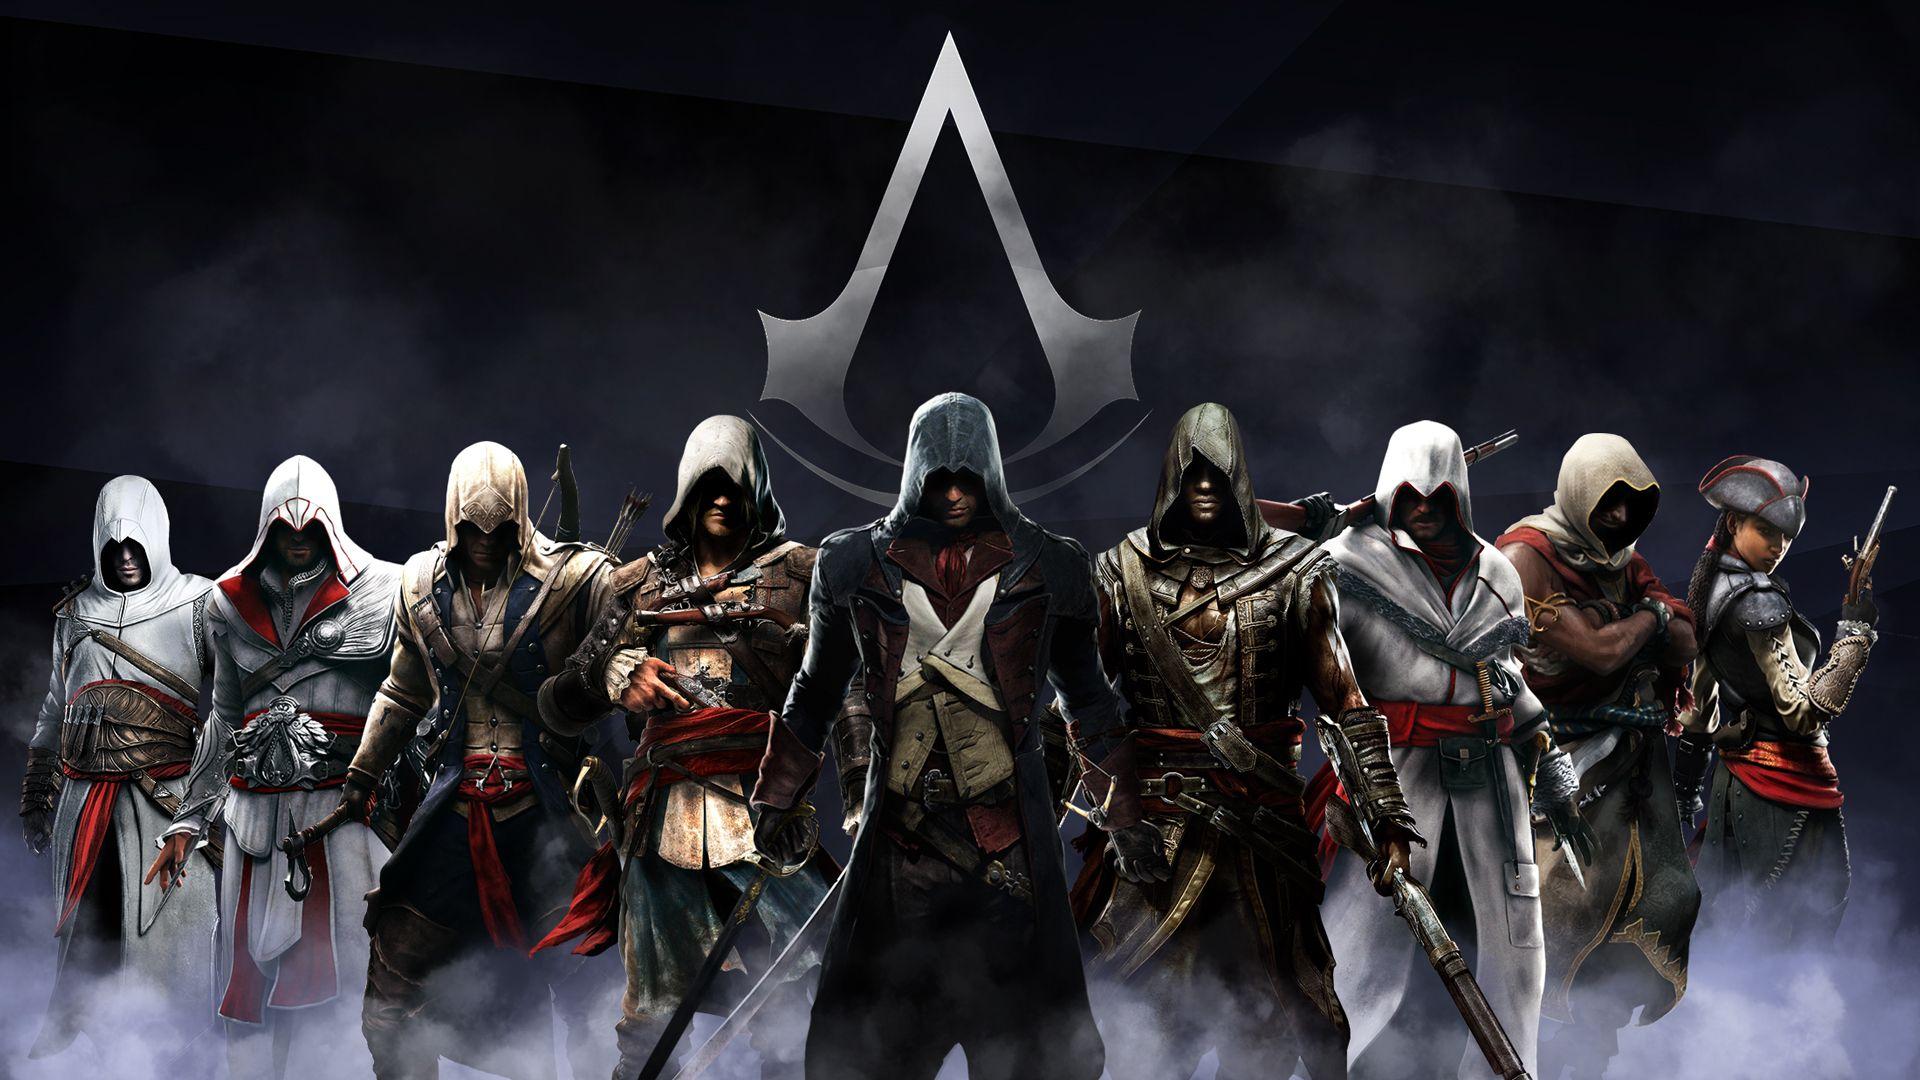 neue Assassin's Creed-Spiele für Android